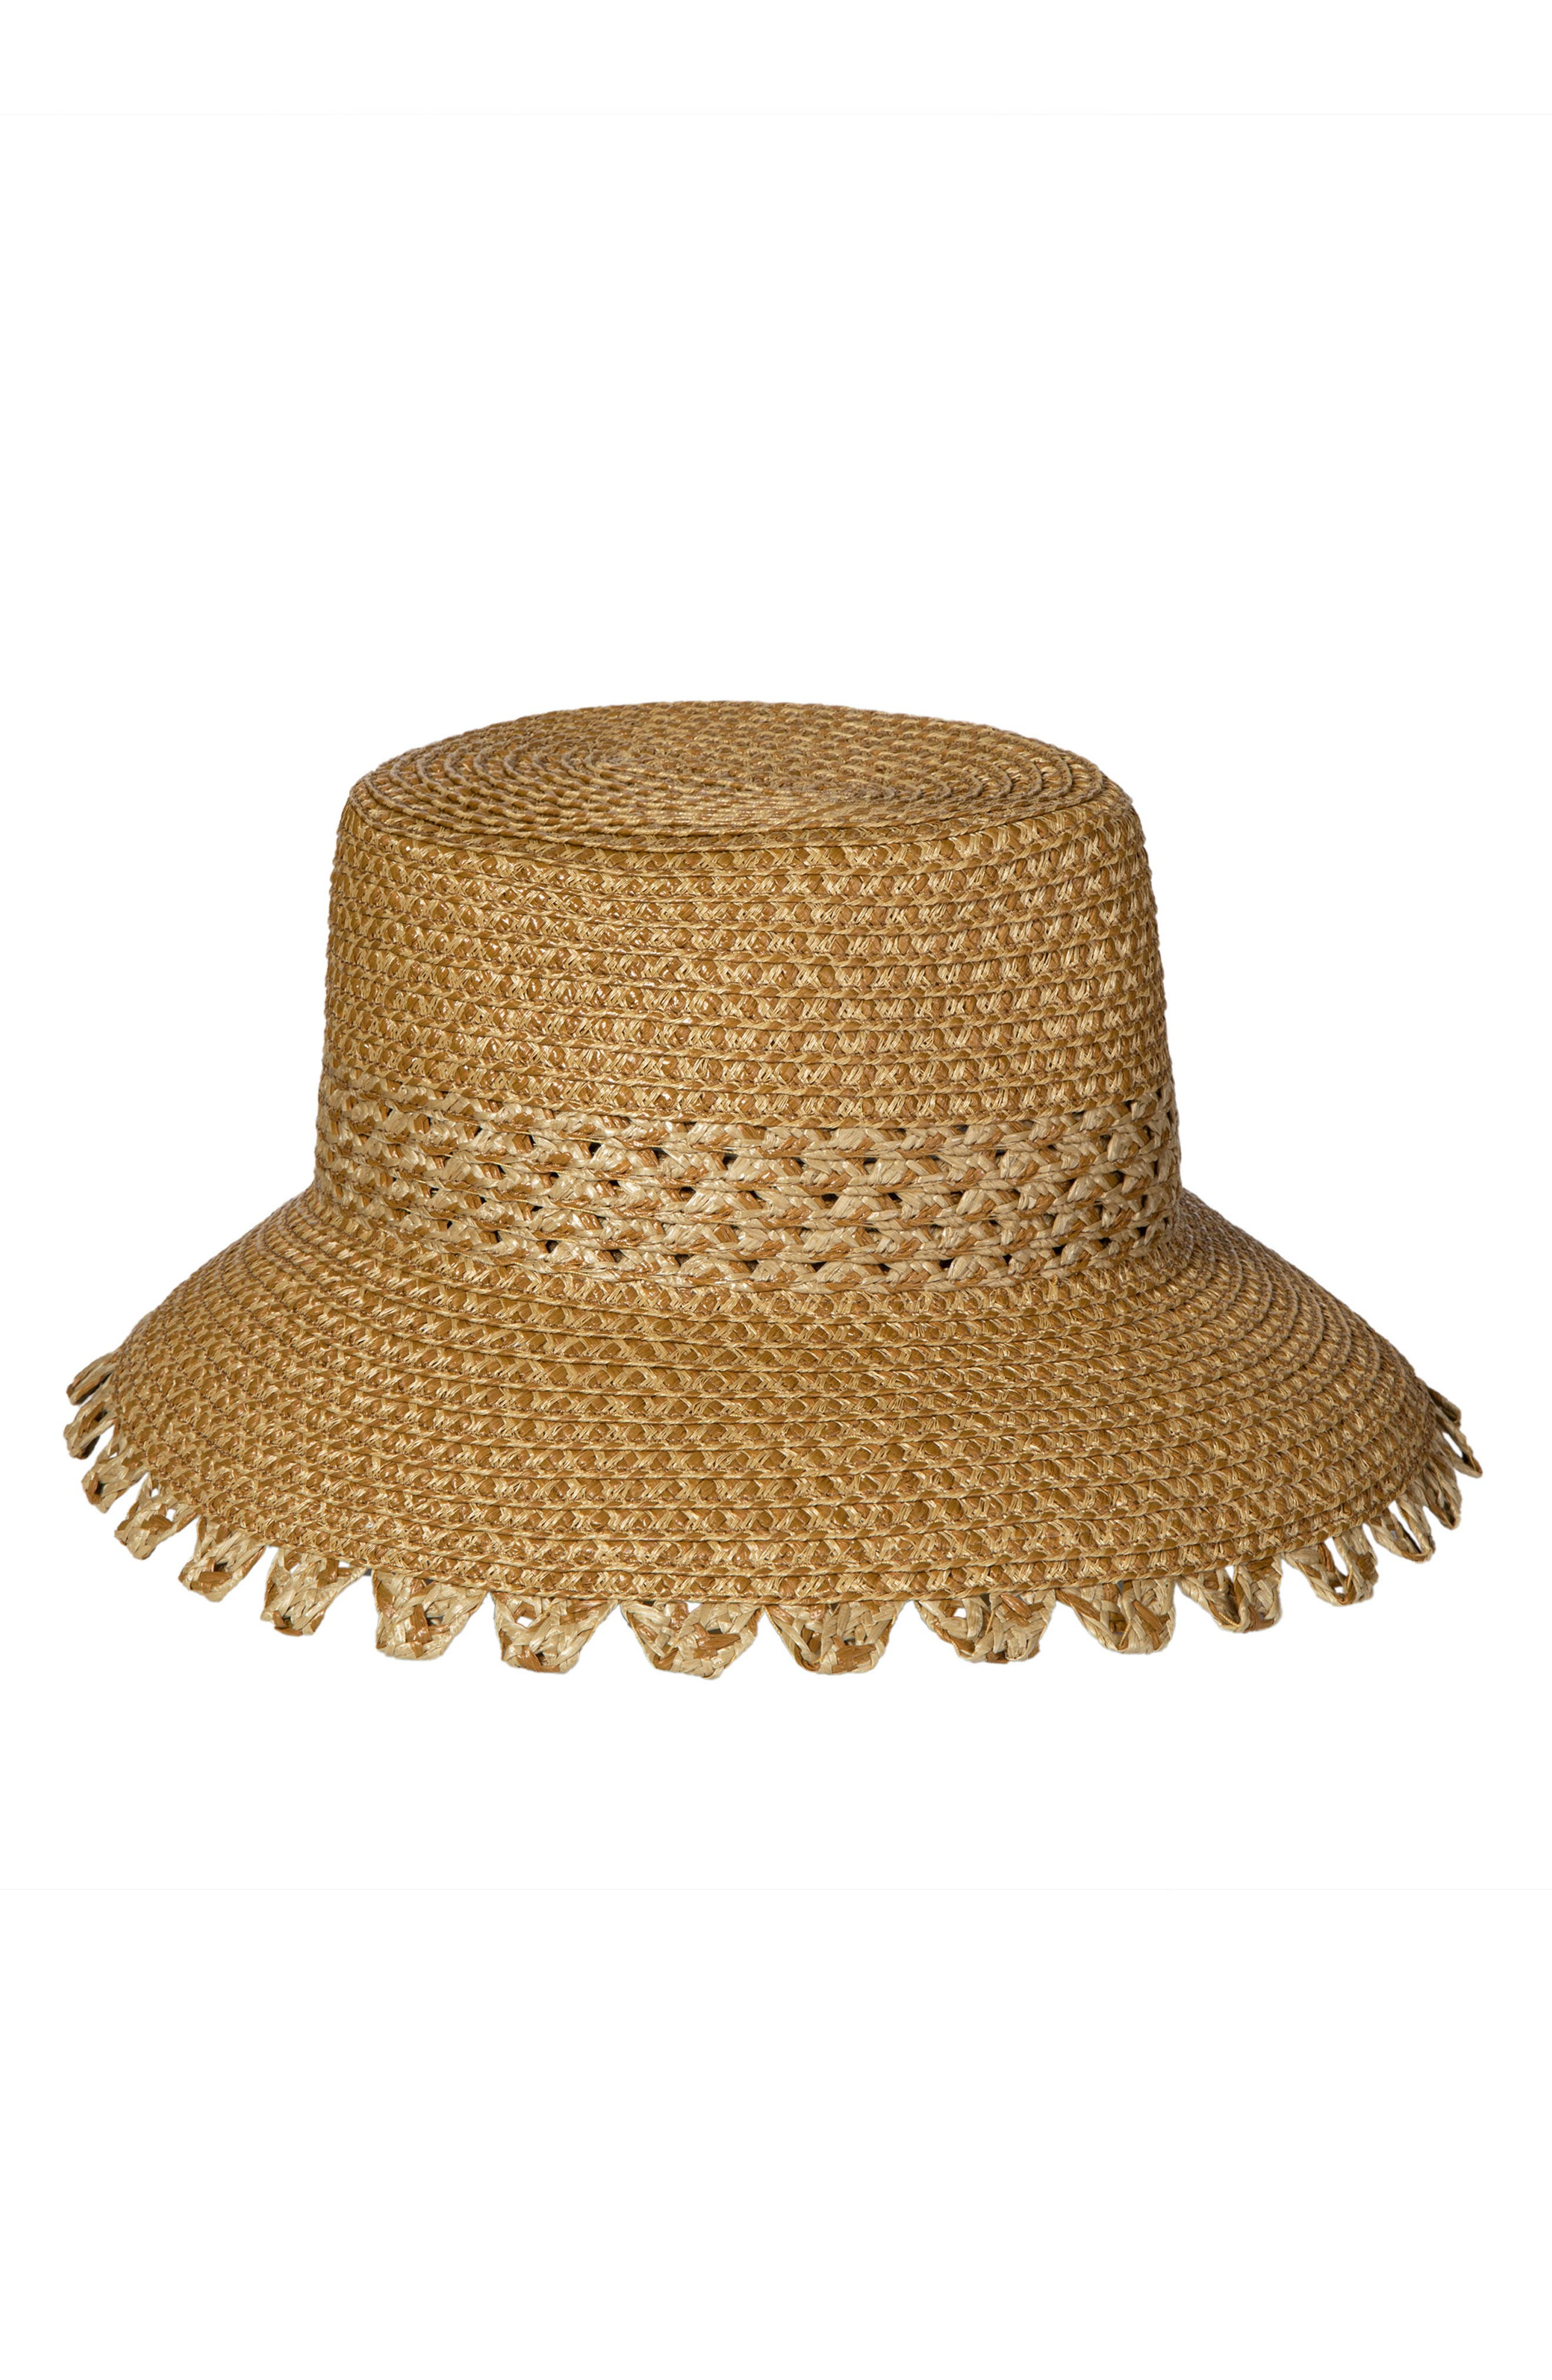 Mita Squishee Bucket Hat